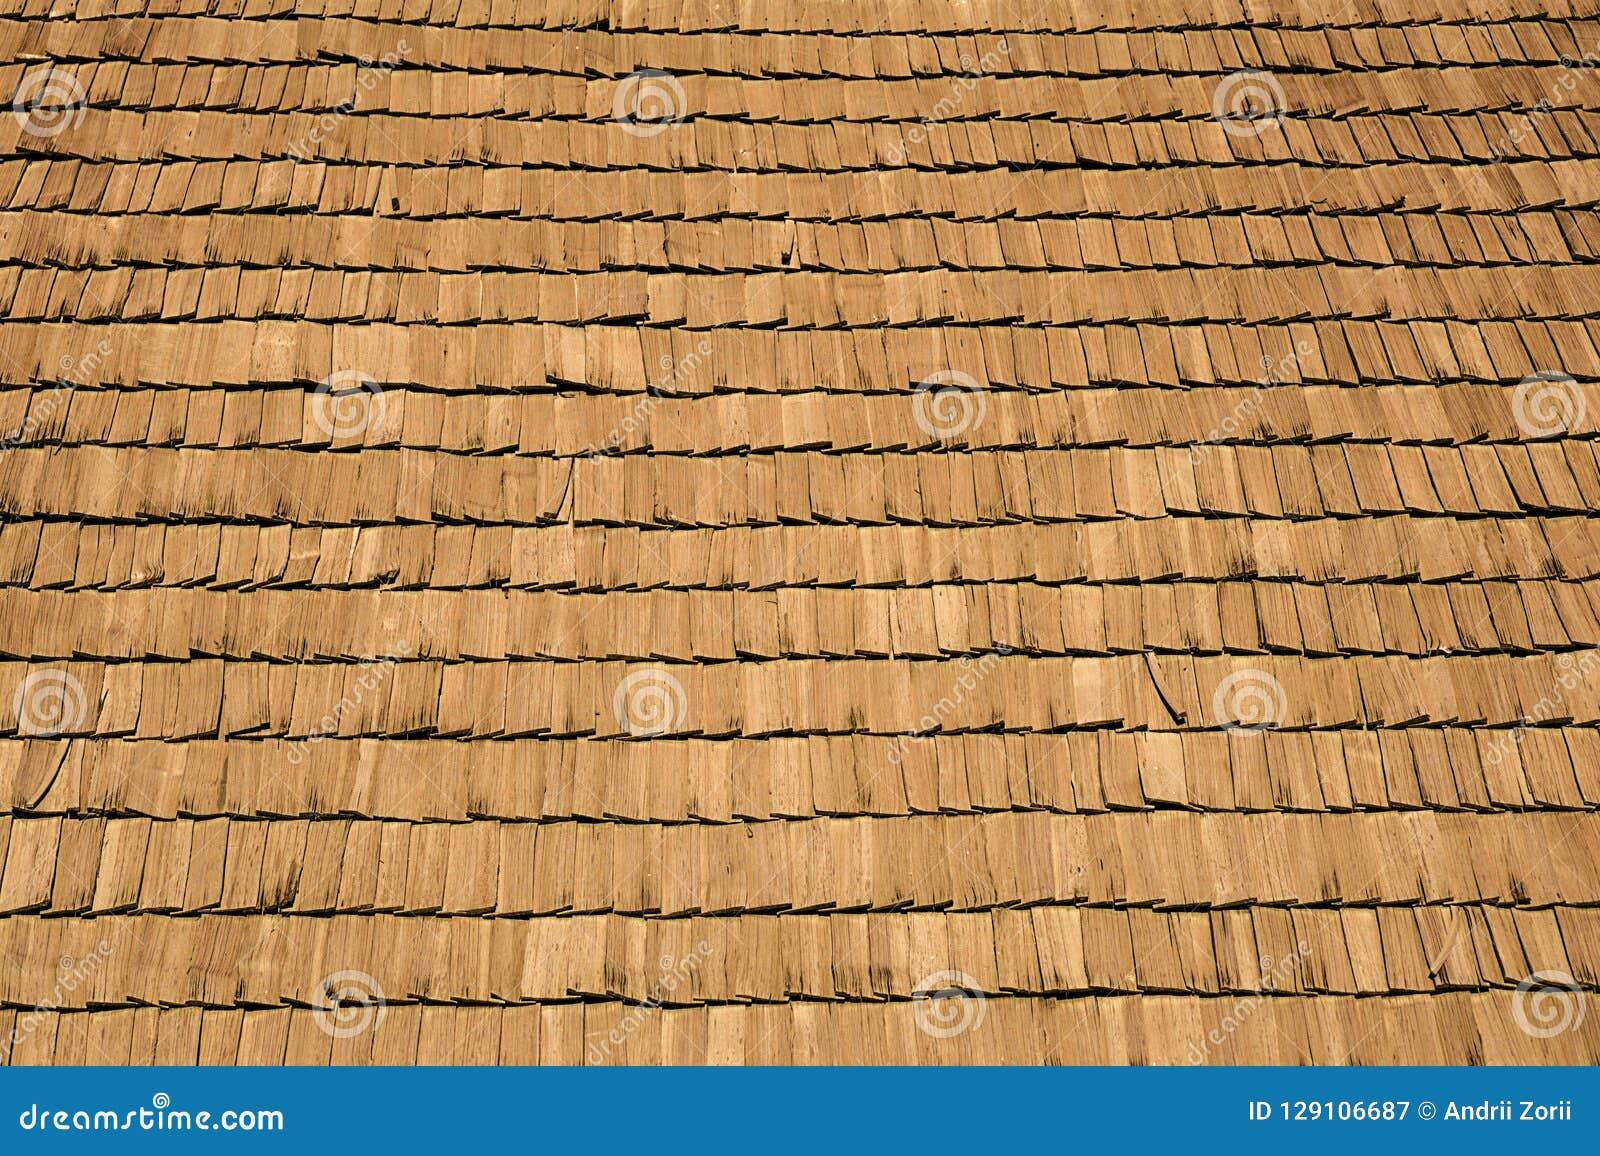 Einige hölzerne Zedernschindeln für die Verkleidung oder die Dächer Hölzerne Dachschindeln Browns